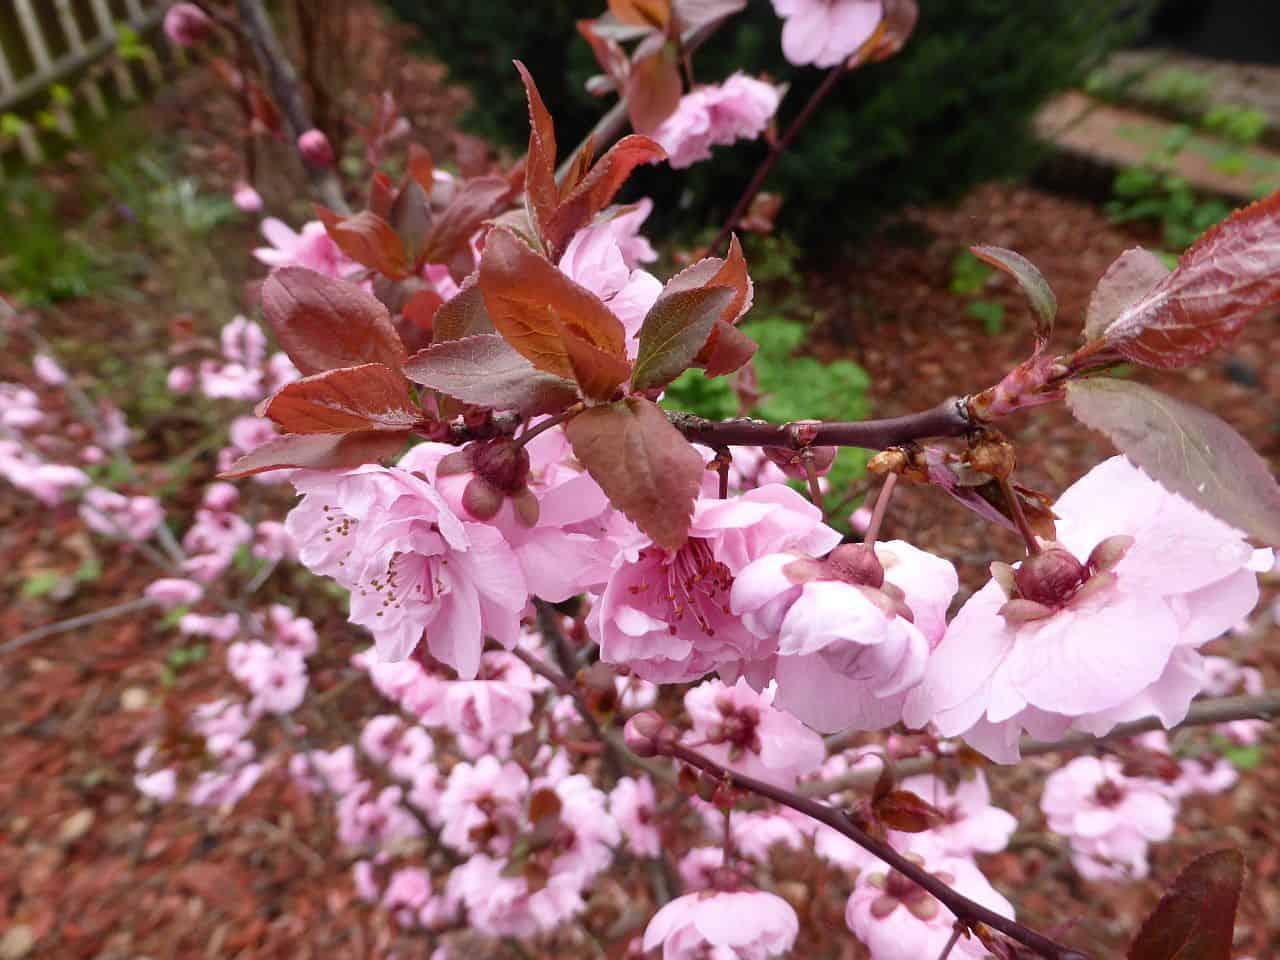 Mandeln als Zier- und Nutzpflanzen – Anpflanzung und Pflege